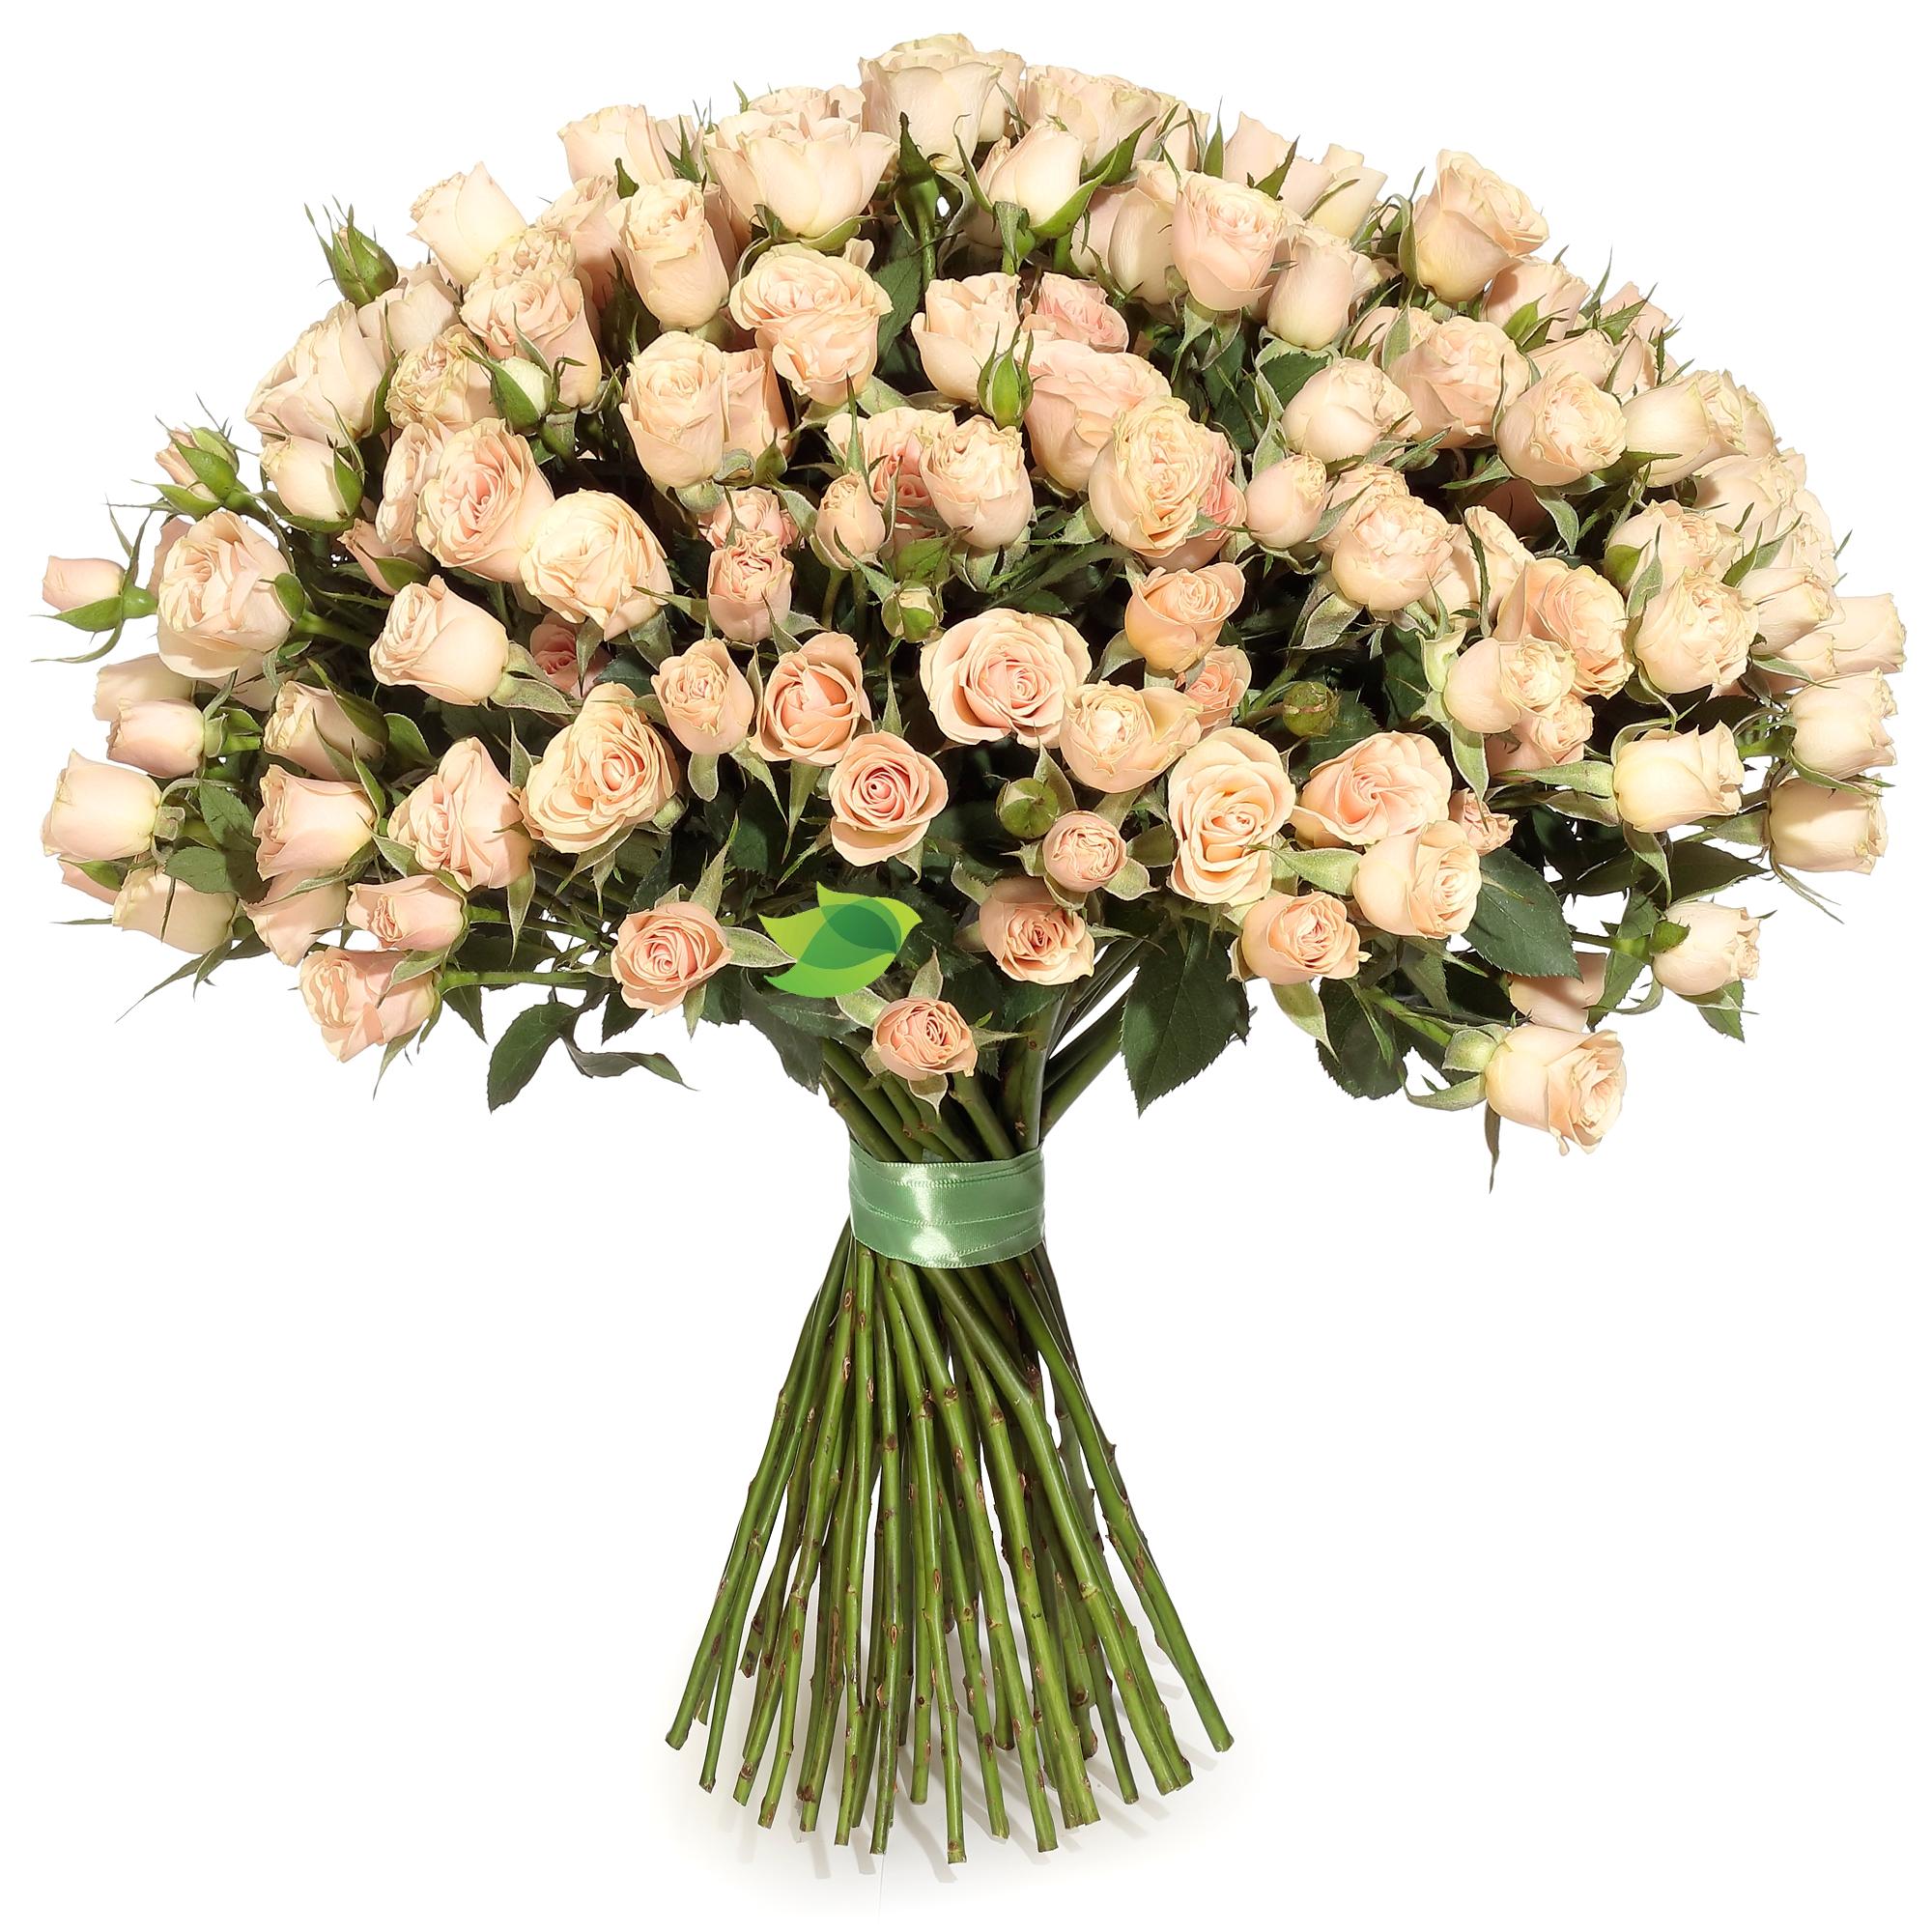 Фото букета: Кустовые кремовые розы